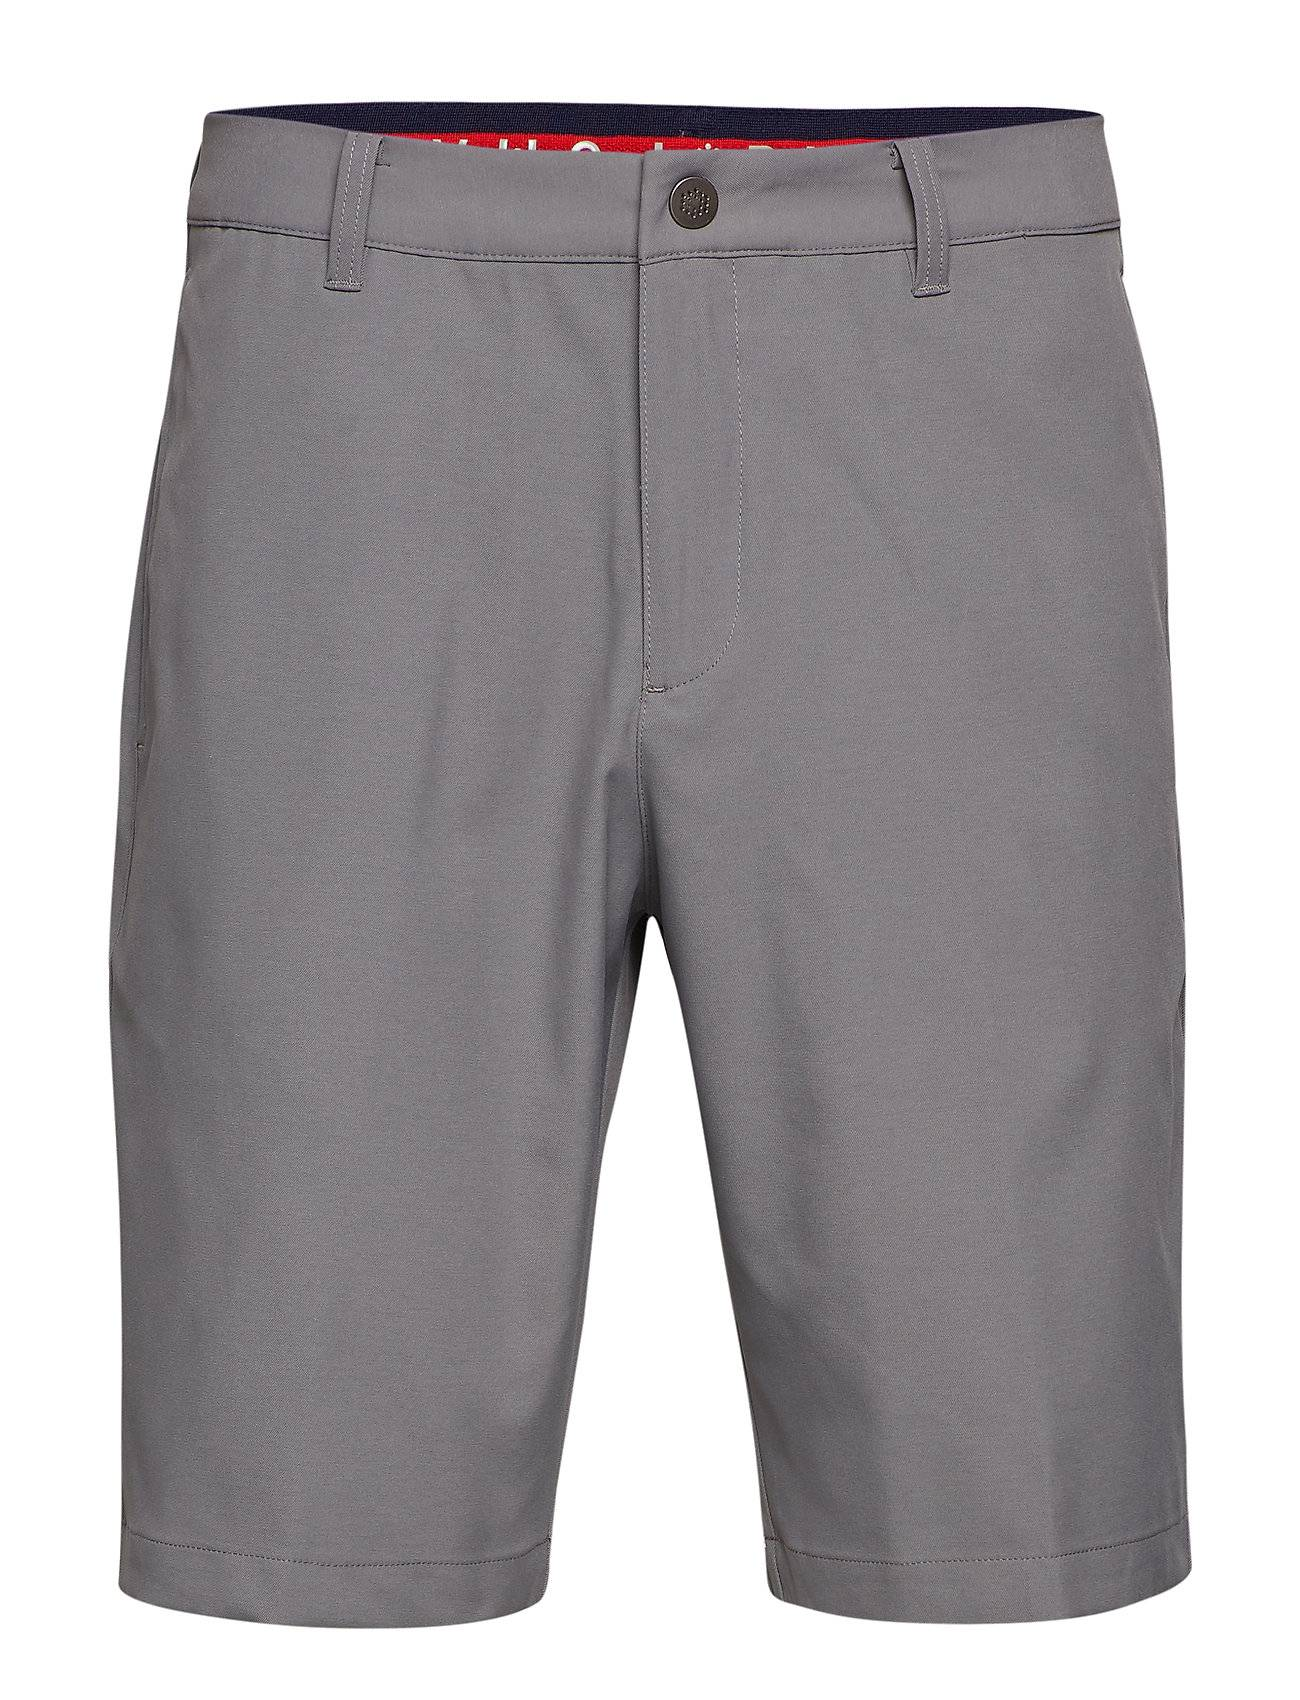 PUMA Golf Jackpot Short Shorts Sport Shorts Harmaa PUMA Golf